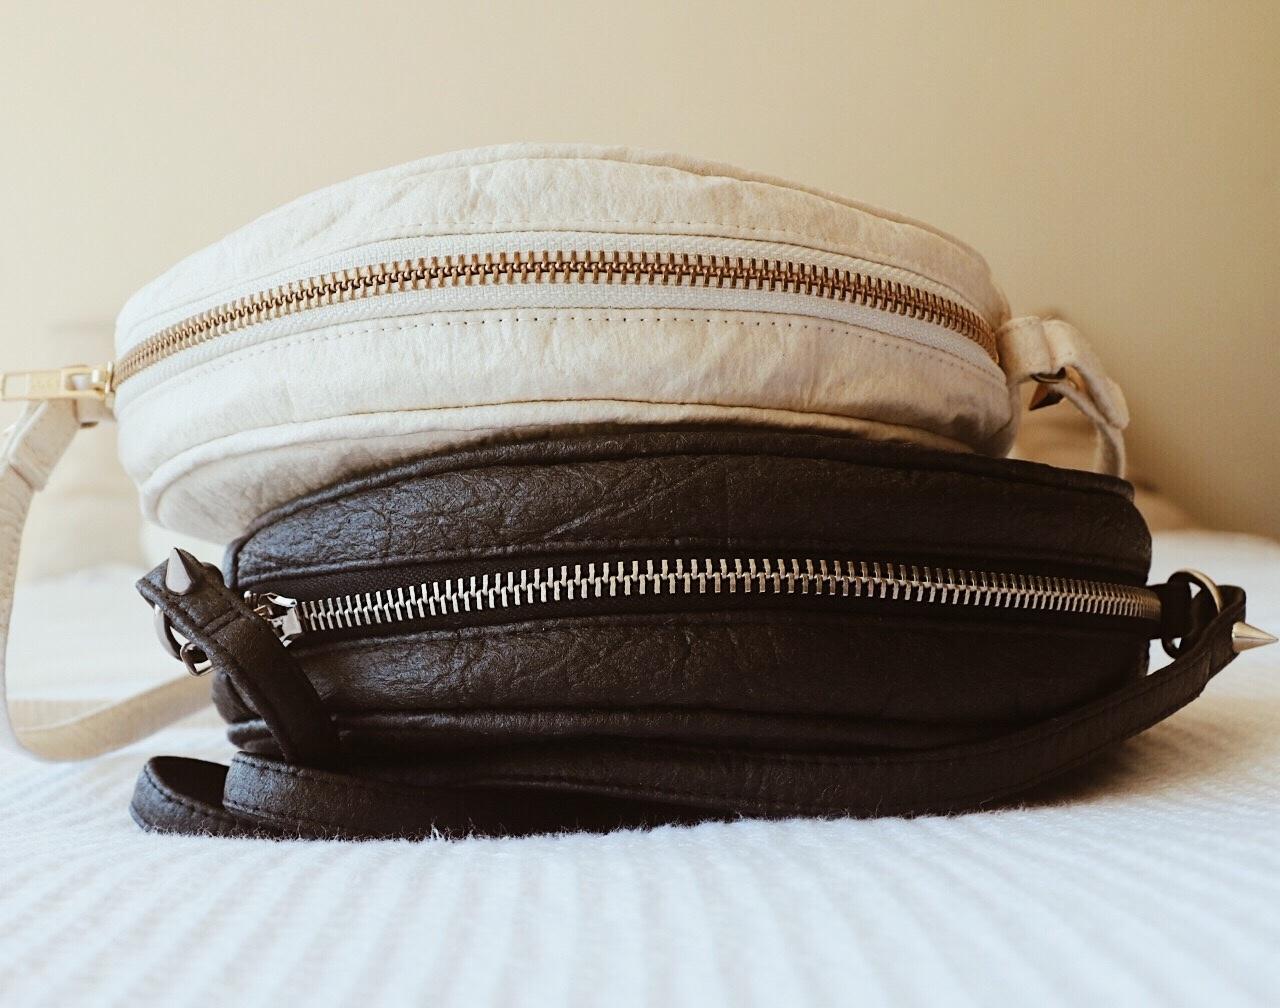 Velvet+Heartbeat+Chloe+Bag+in+Pineapple+Leather